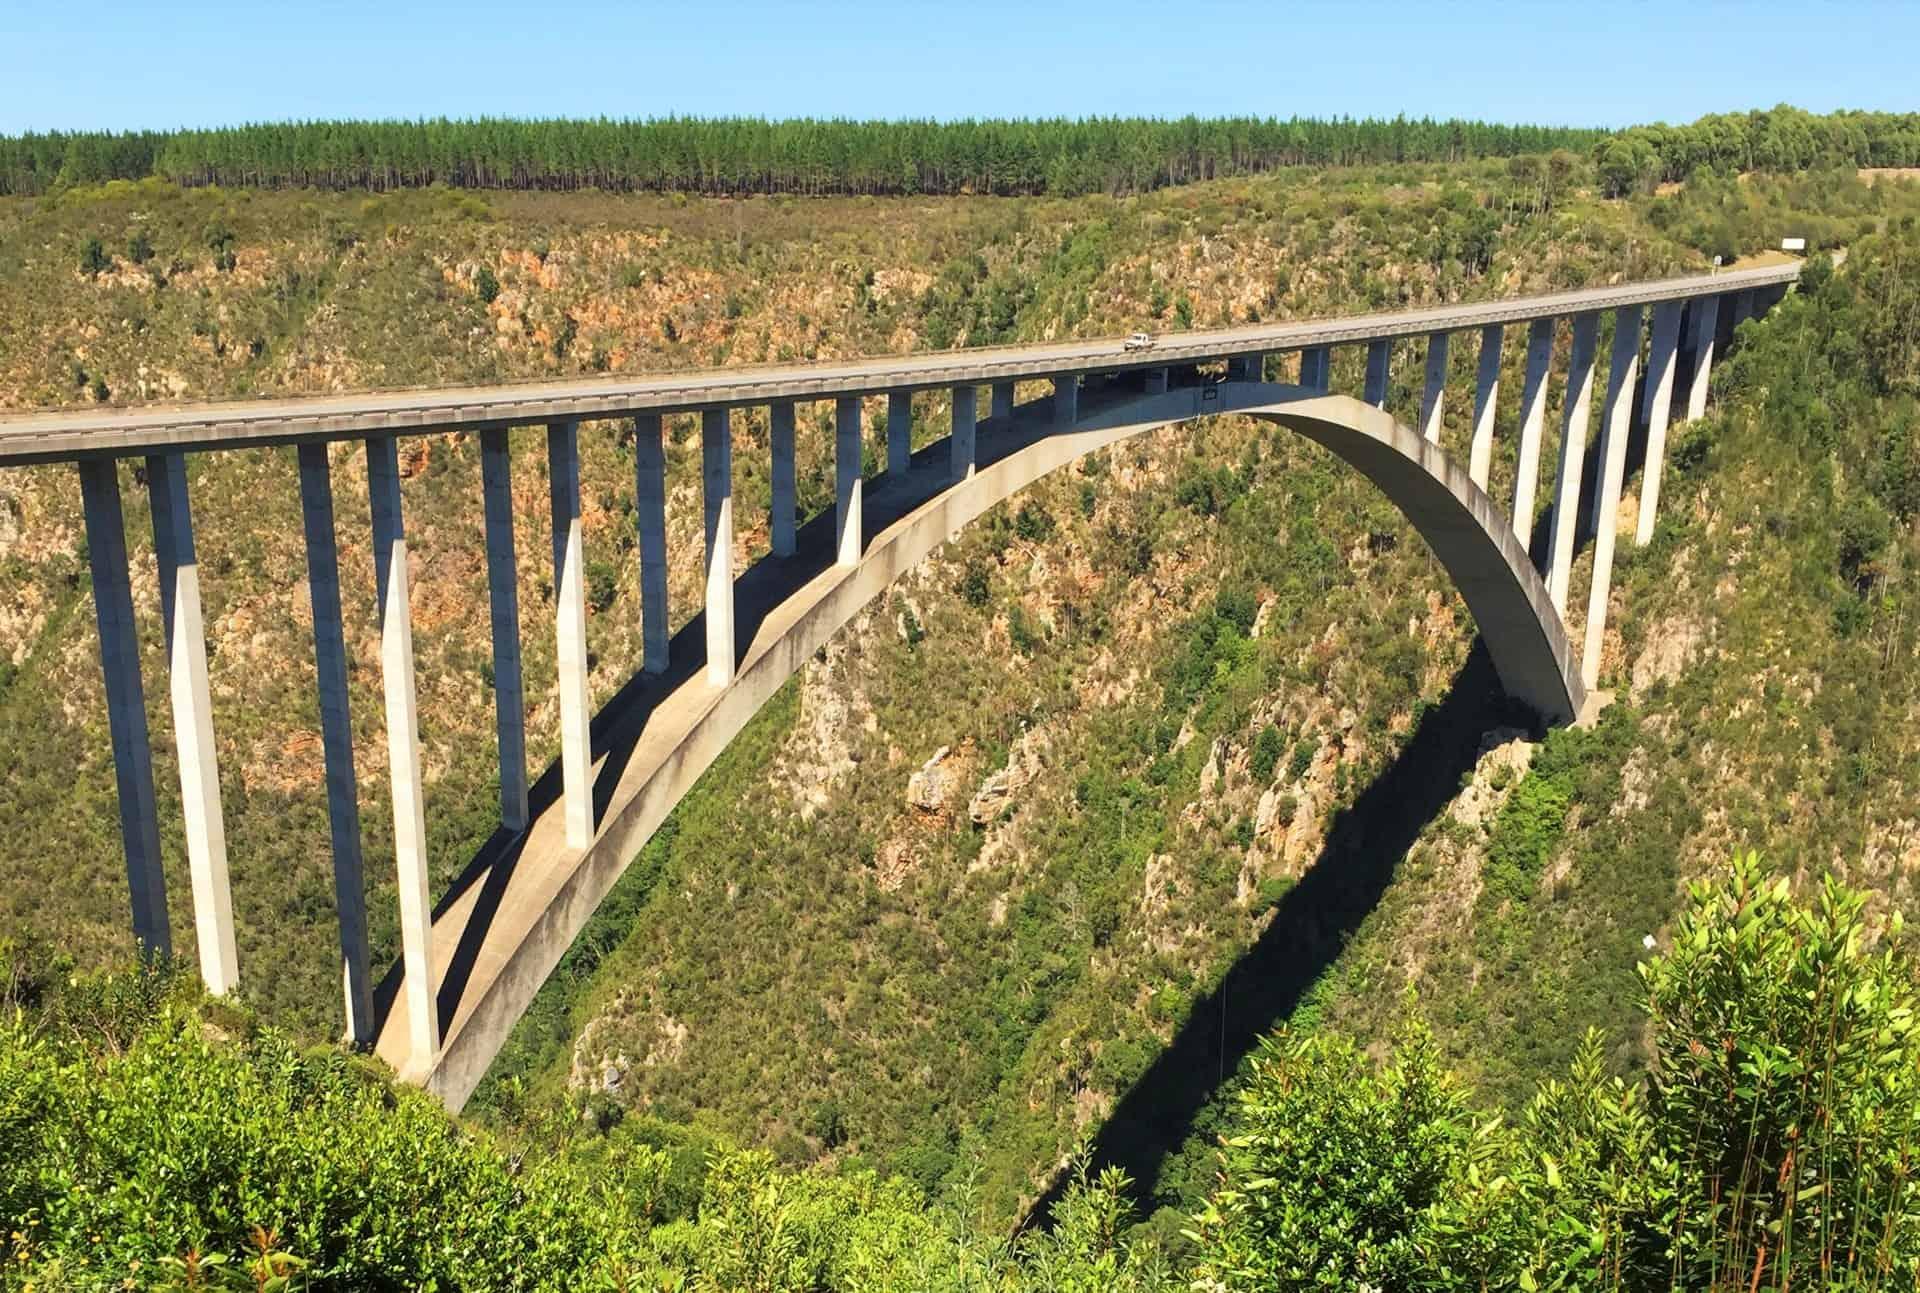 Bungee Jump From Bloukrans Bridge - Adventure Activities In South Africa